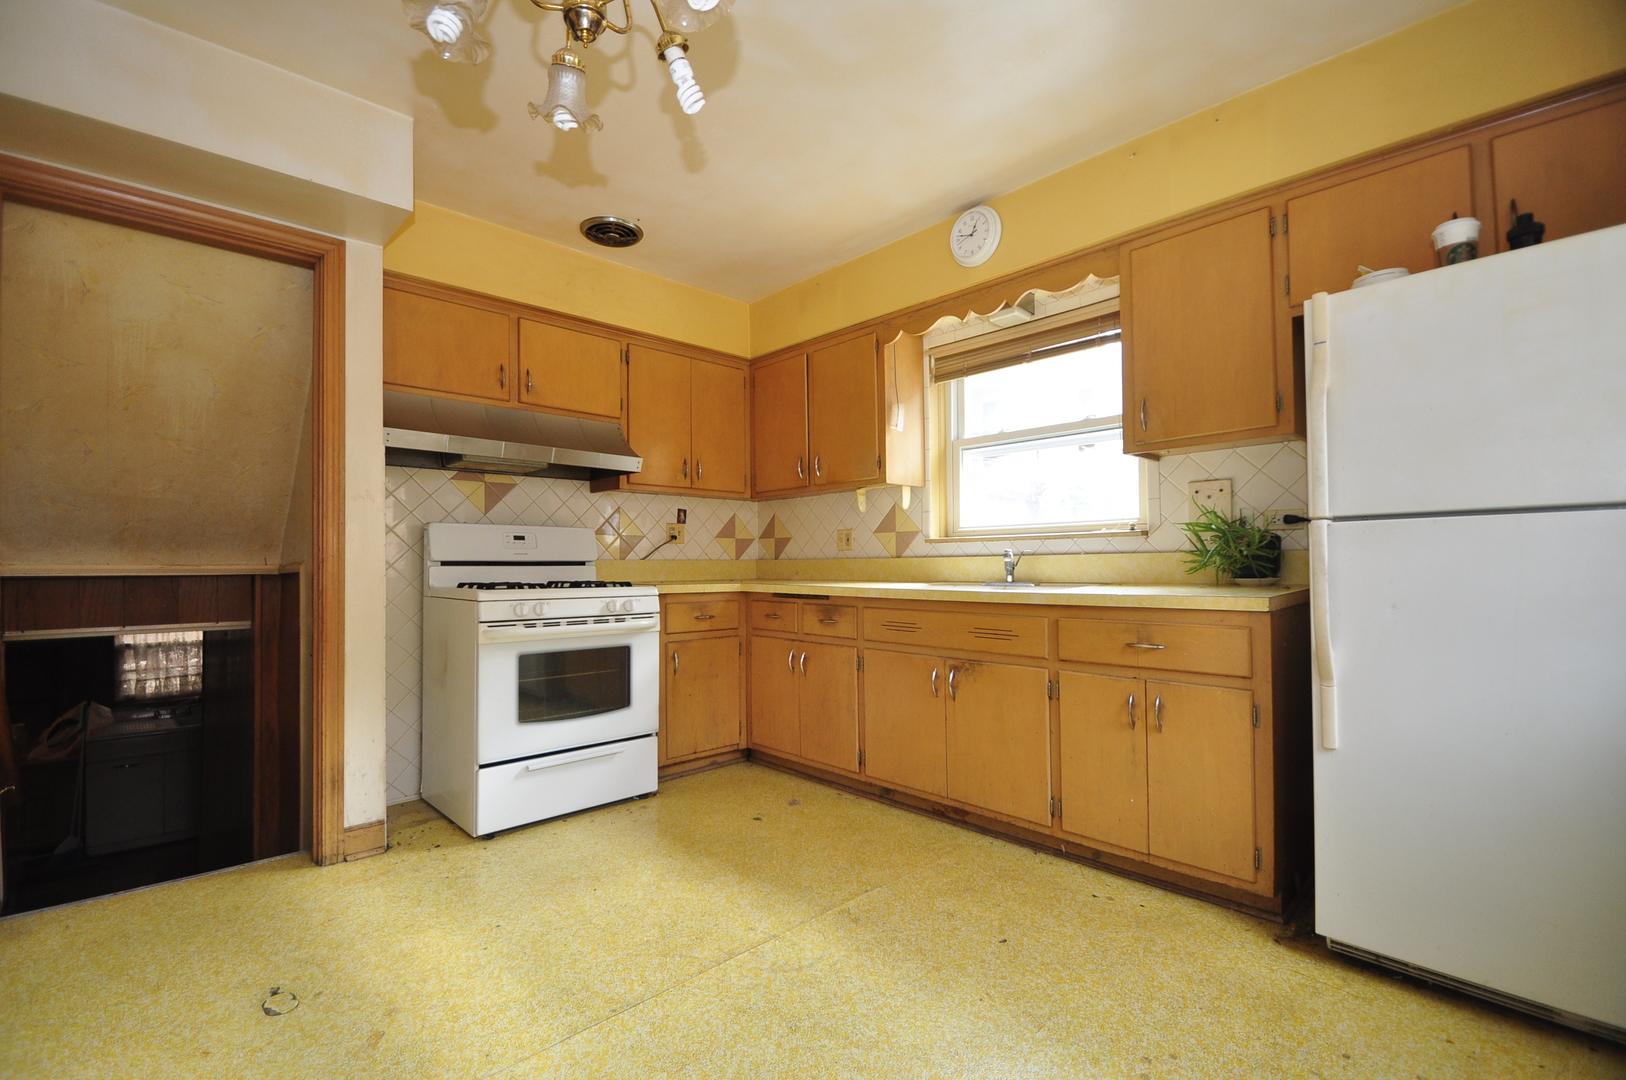 7429 Ainslie ,Harwood Heights, Illinois 60706